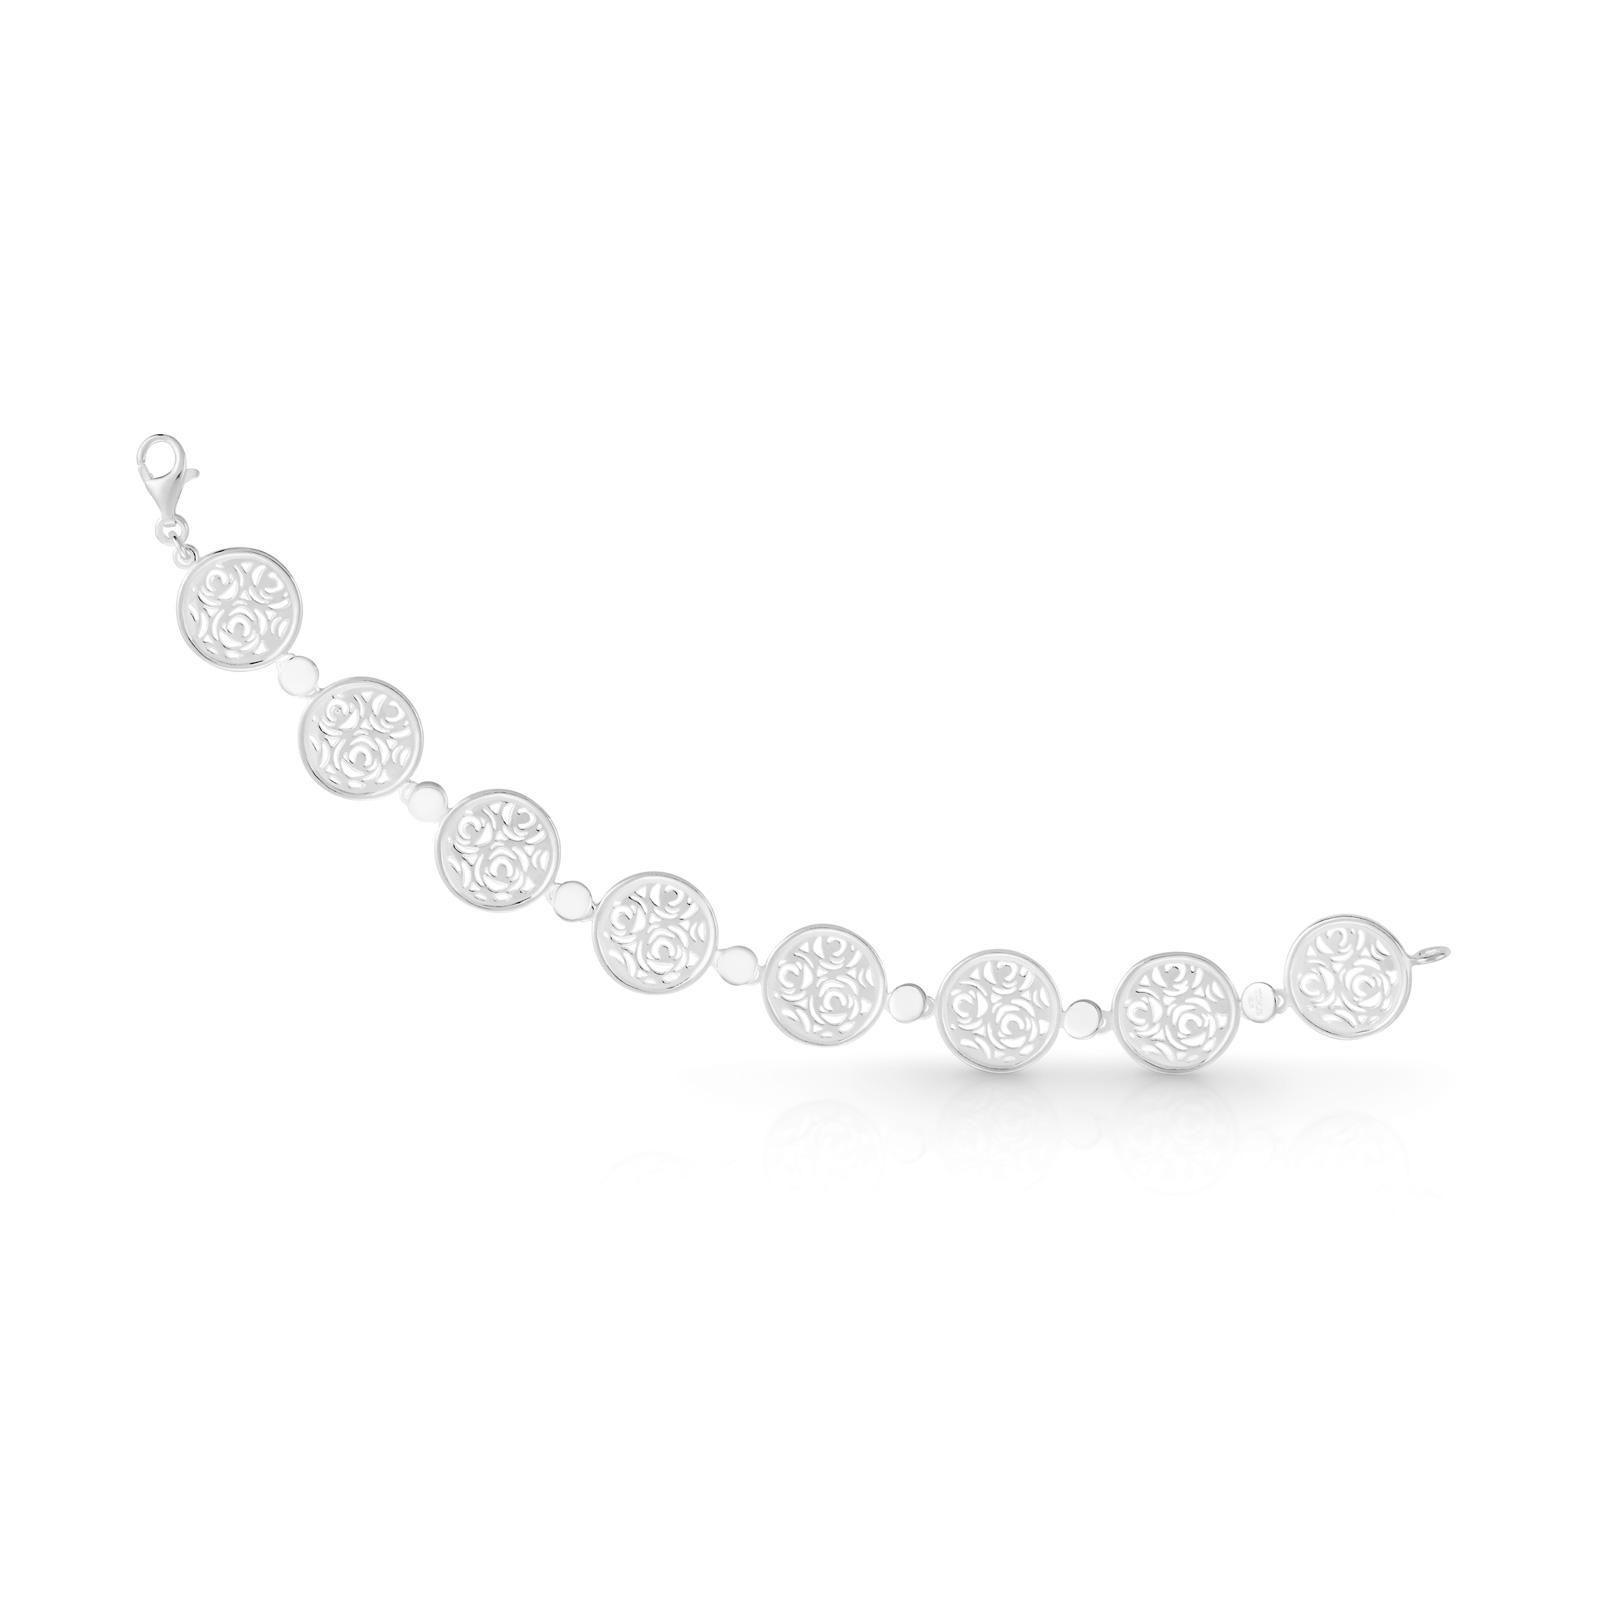 sterling silver tous rosa d abril bracelet 1 5cm x 18 5cm 9 sterling silver tous rosa d abril bracelet 1 5cm x 18